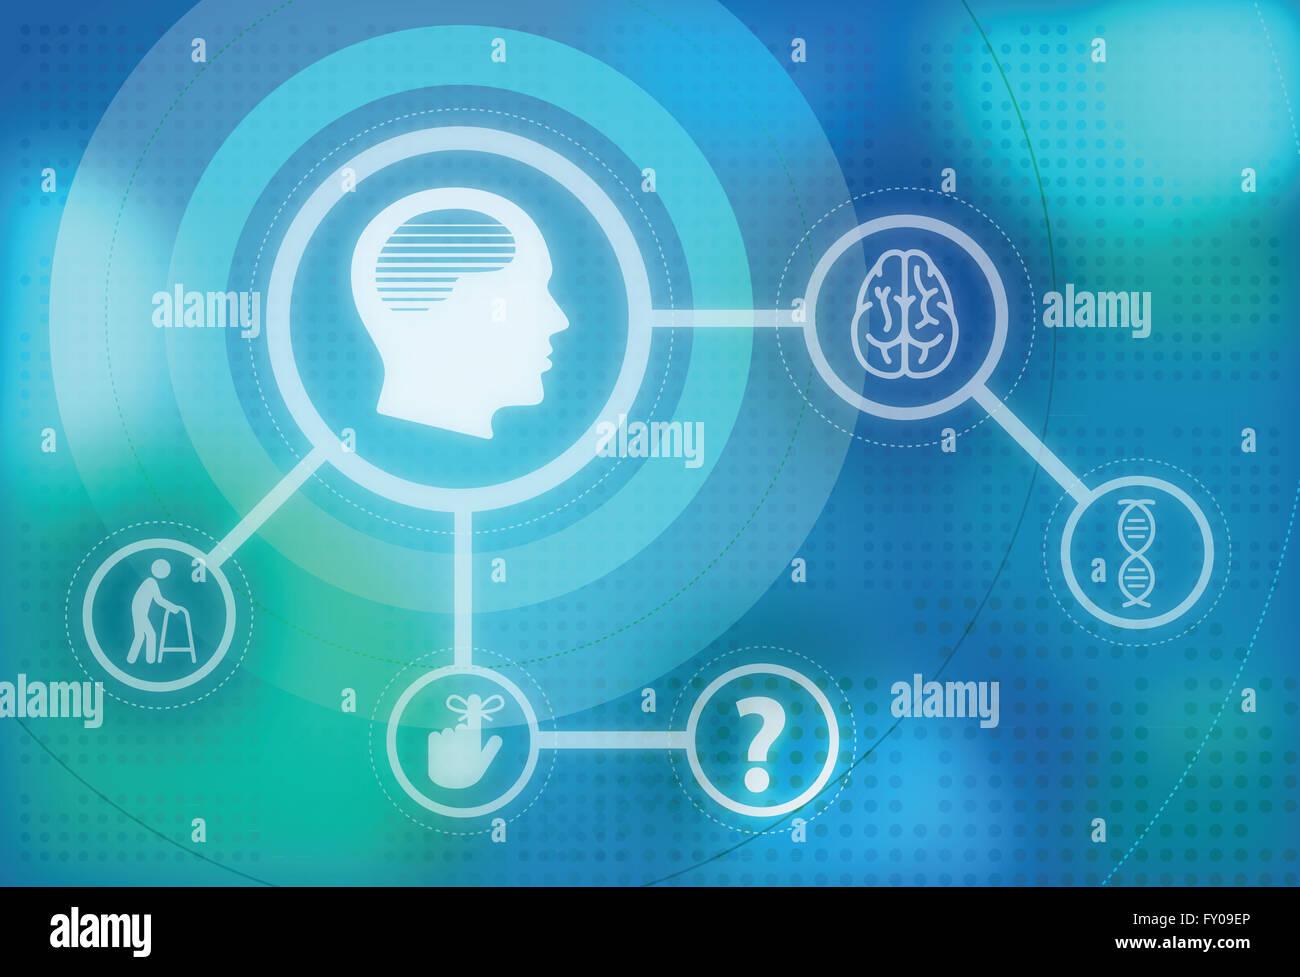 Anschauliches Bild der Alzheimer-Krankheit und ihre Auswirkungen Stockfoto